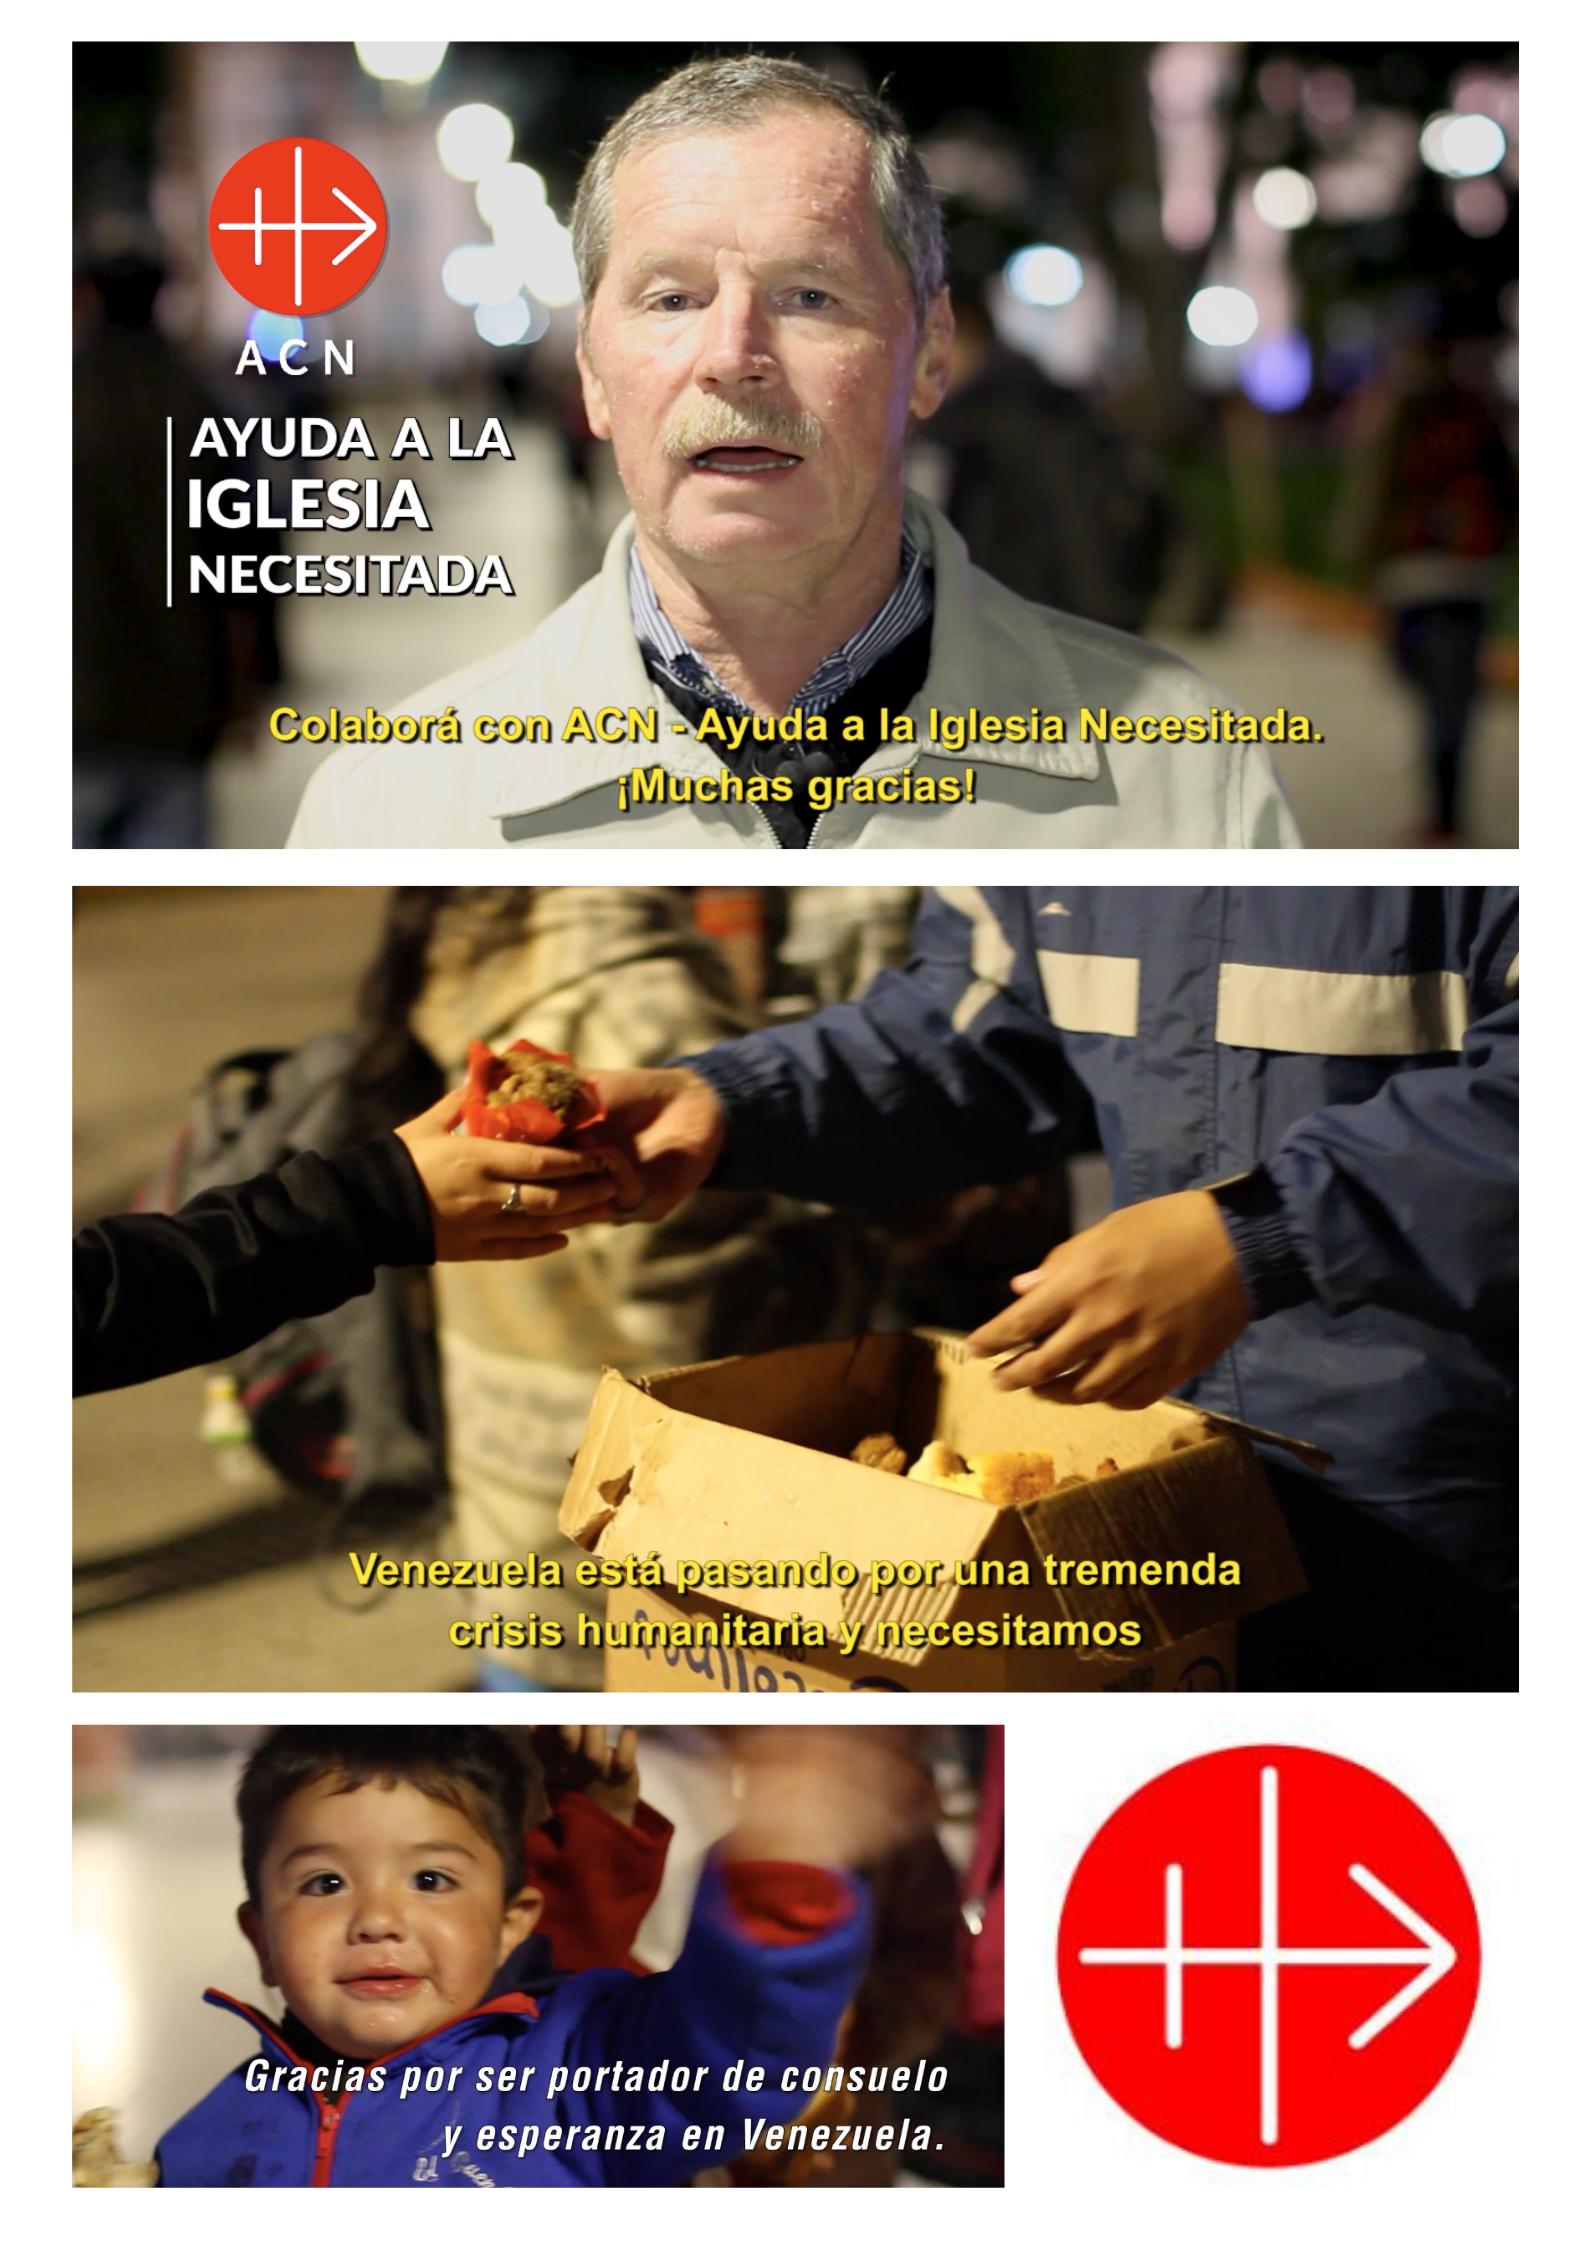 Campaña para ACN Venezuela (Ayuda a la Iglesia Necesitada)